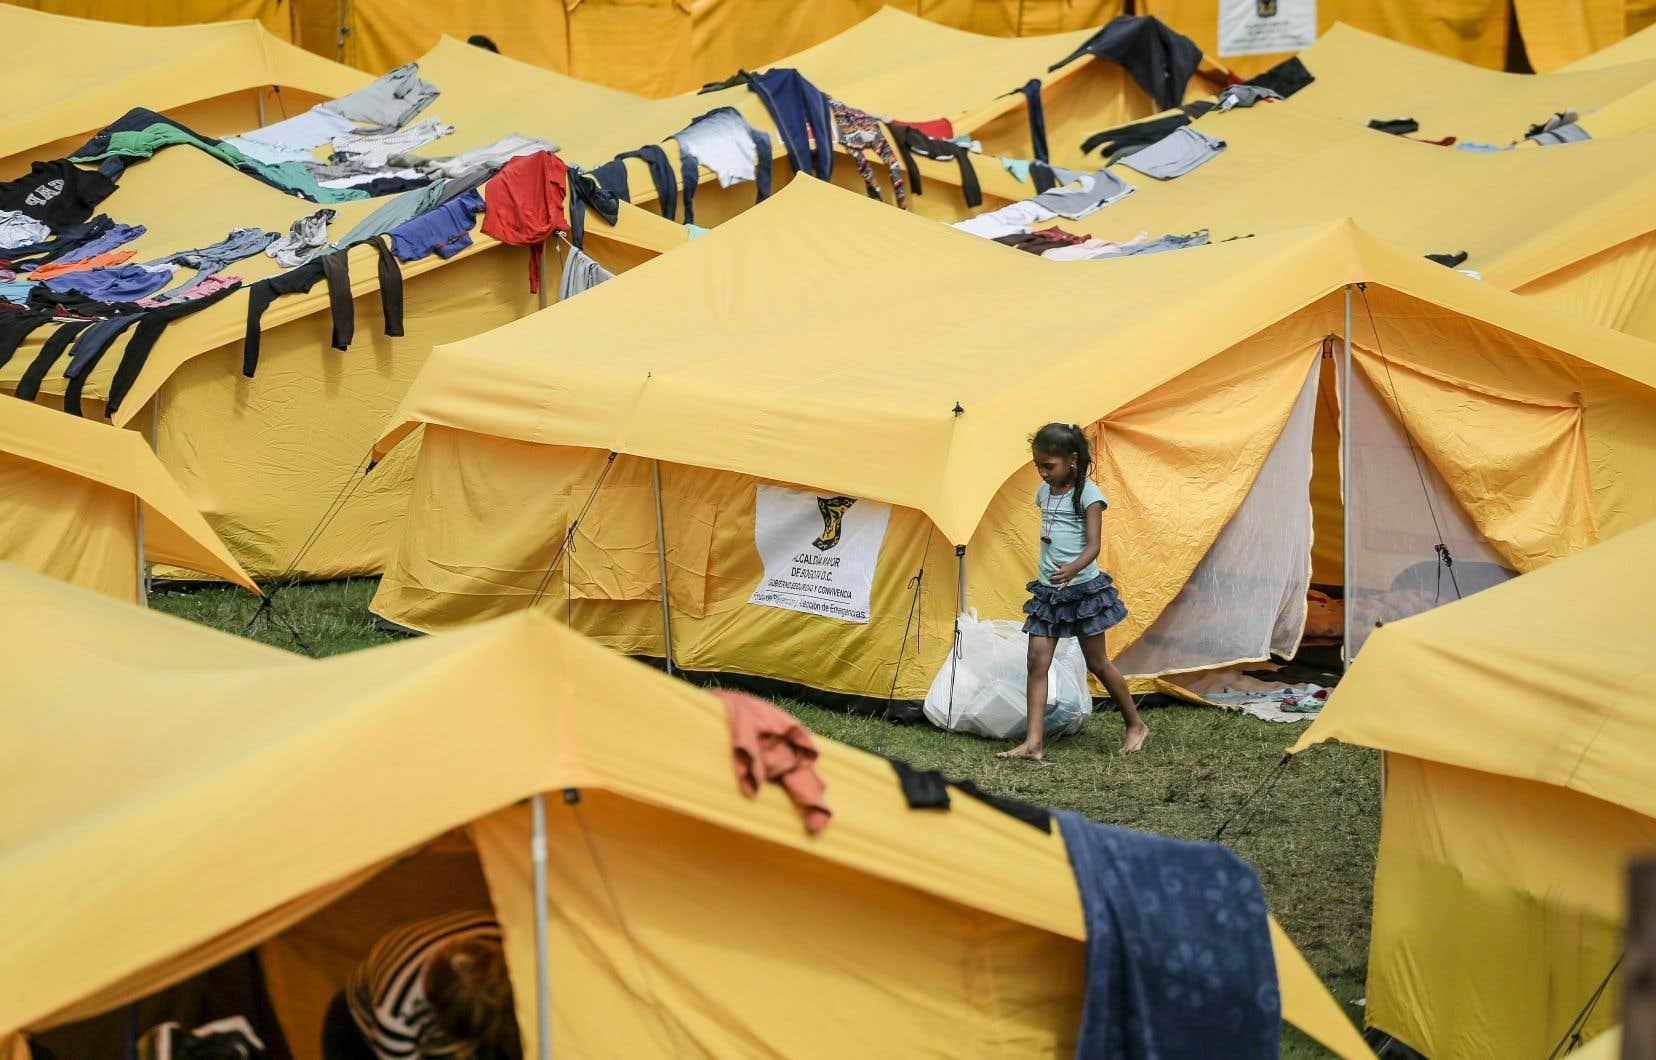 Un camp de réfugiés à Bogotá, en Colombie. Quelque 4,5 millions de Vénézueliens ont quitté leur pays.